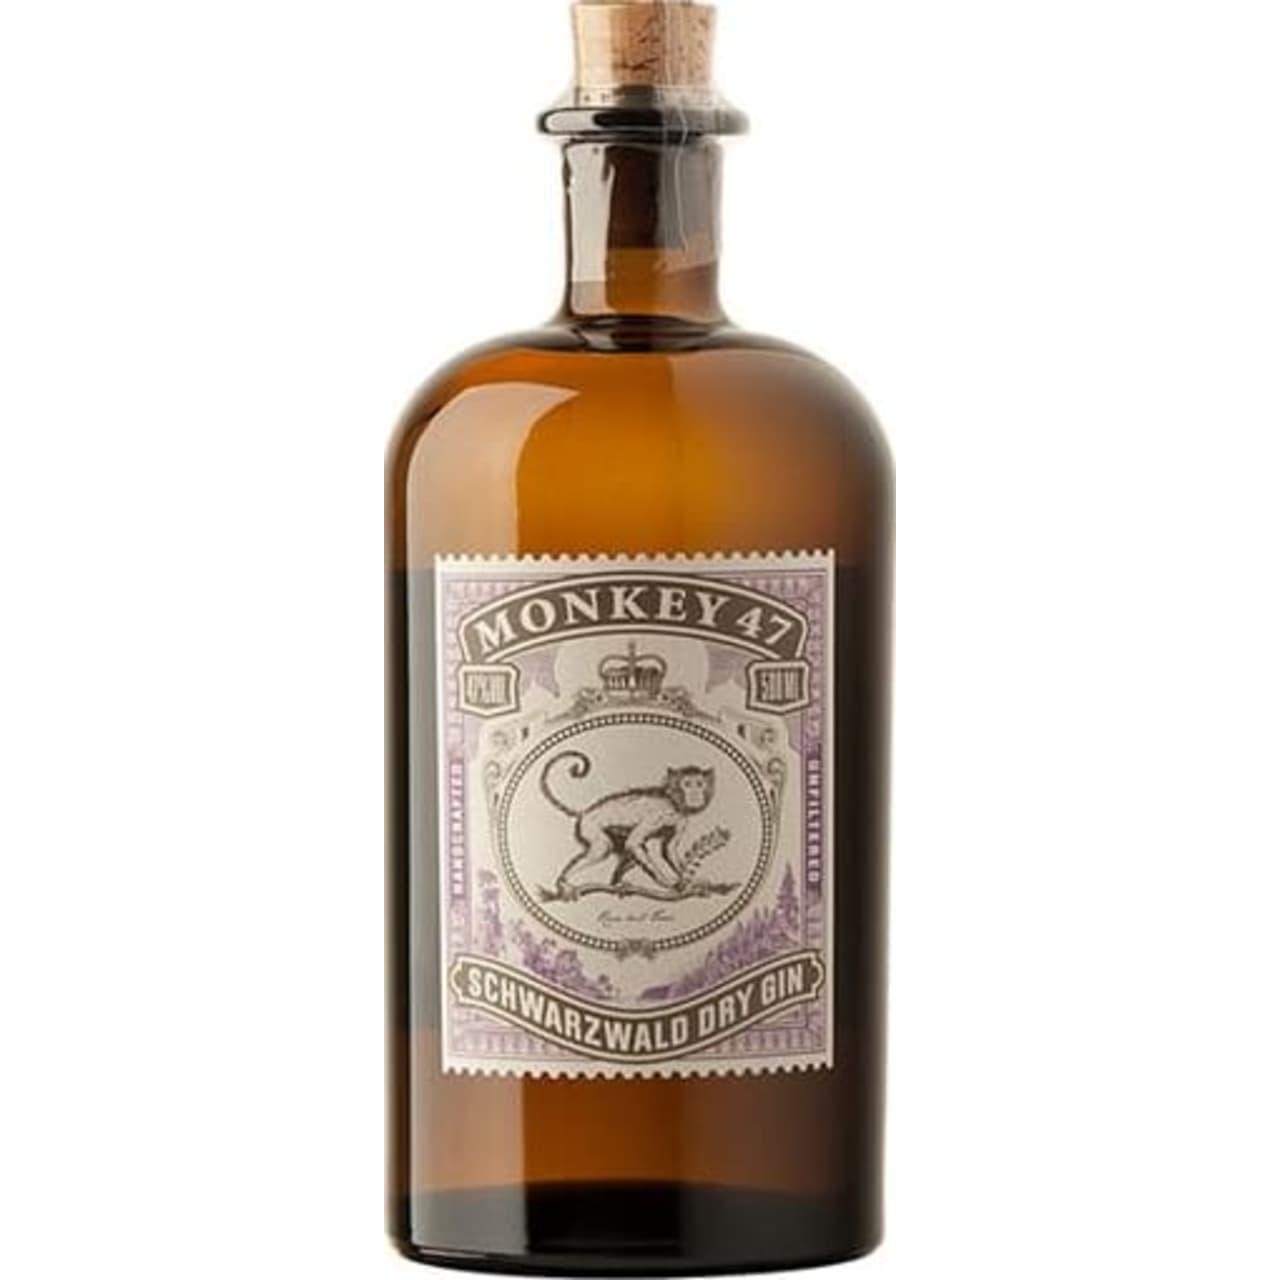 Product Image - Monkey 47 Dry Gin